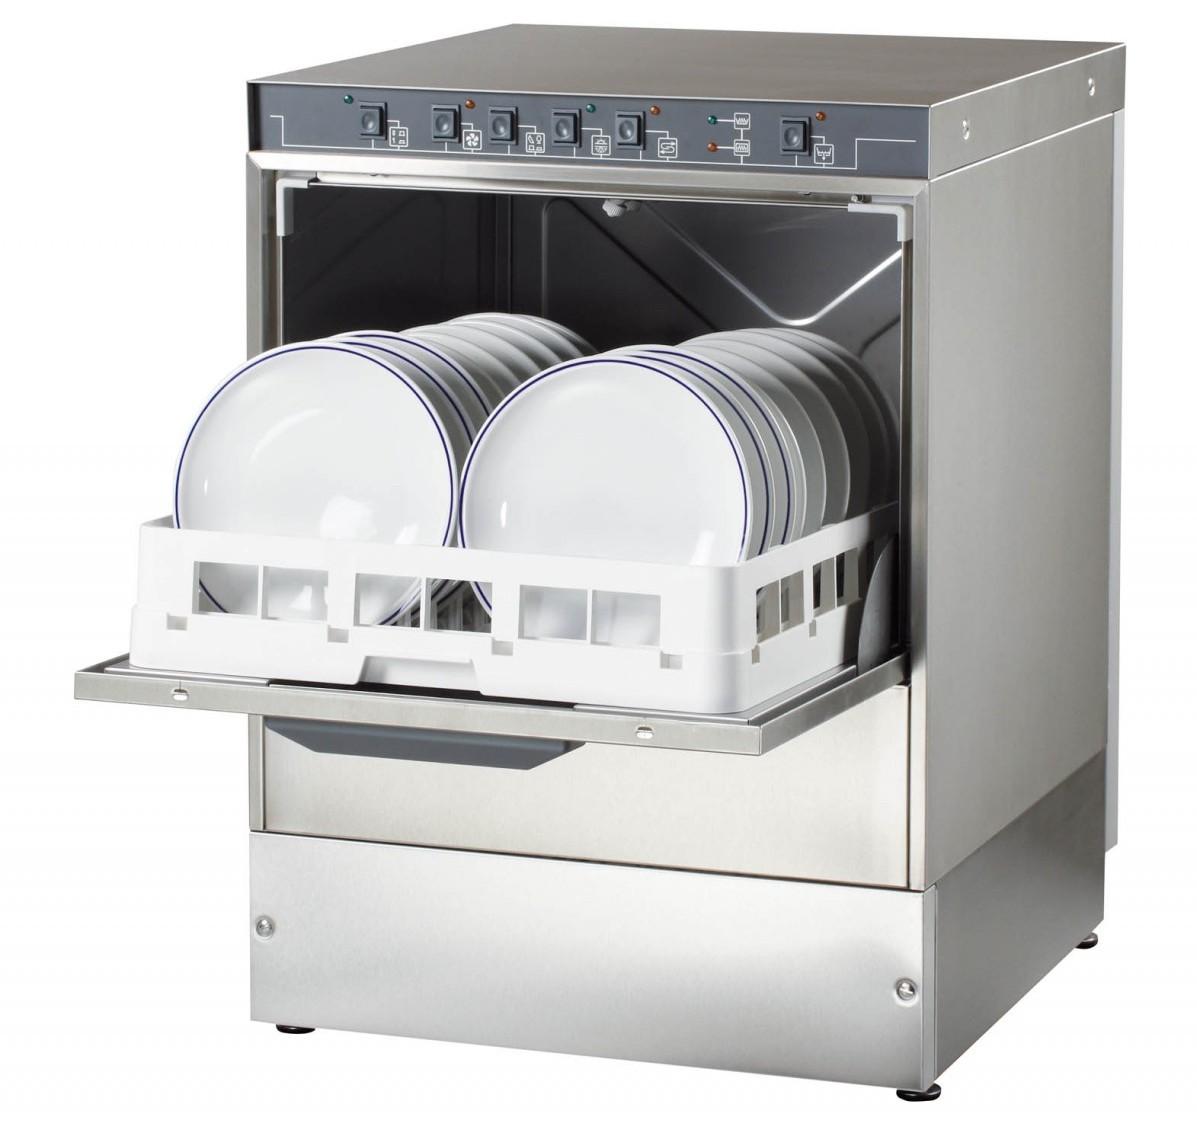 lavastoviglie-professionali-per-ristoranti